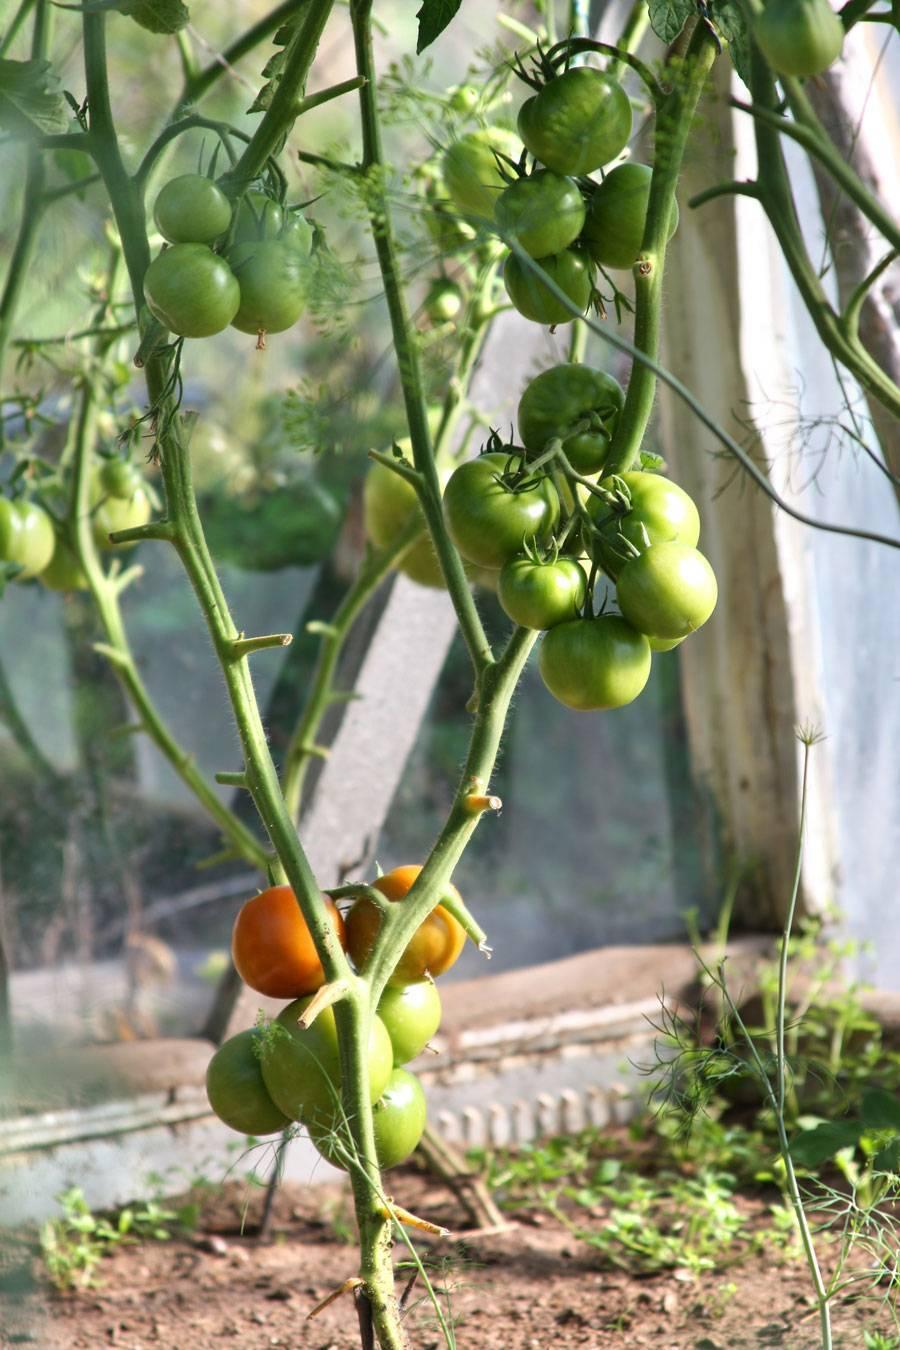 Как бороться с фитофторой на помидорах в теплице народными средствами и фунгицидами